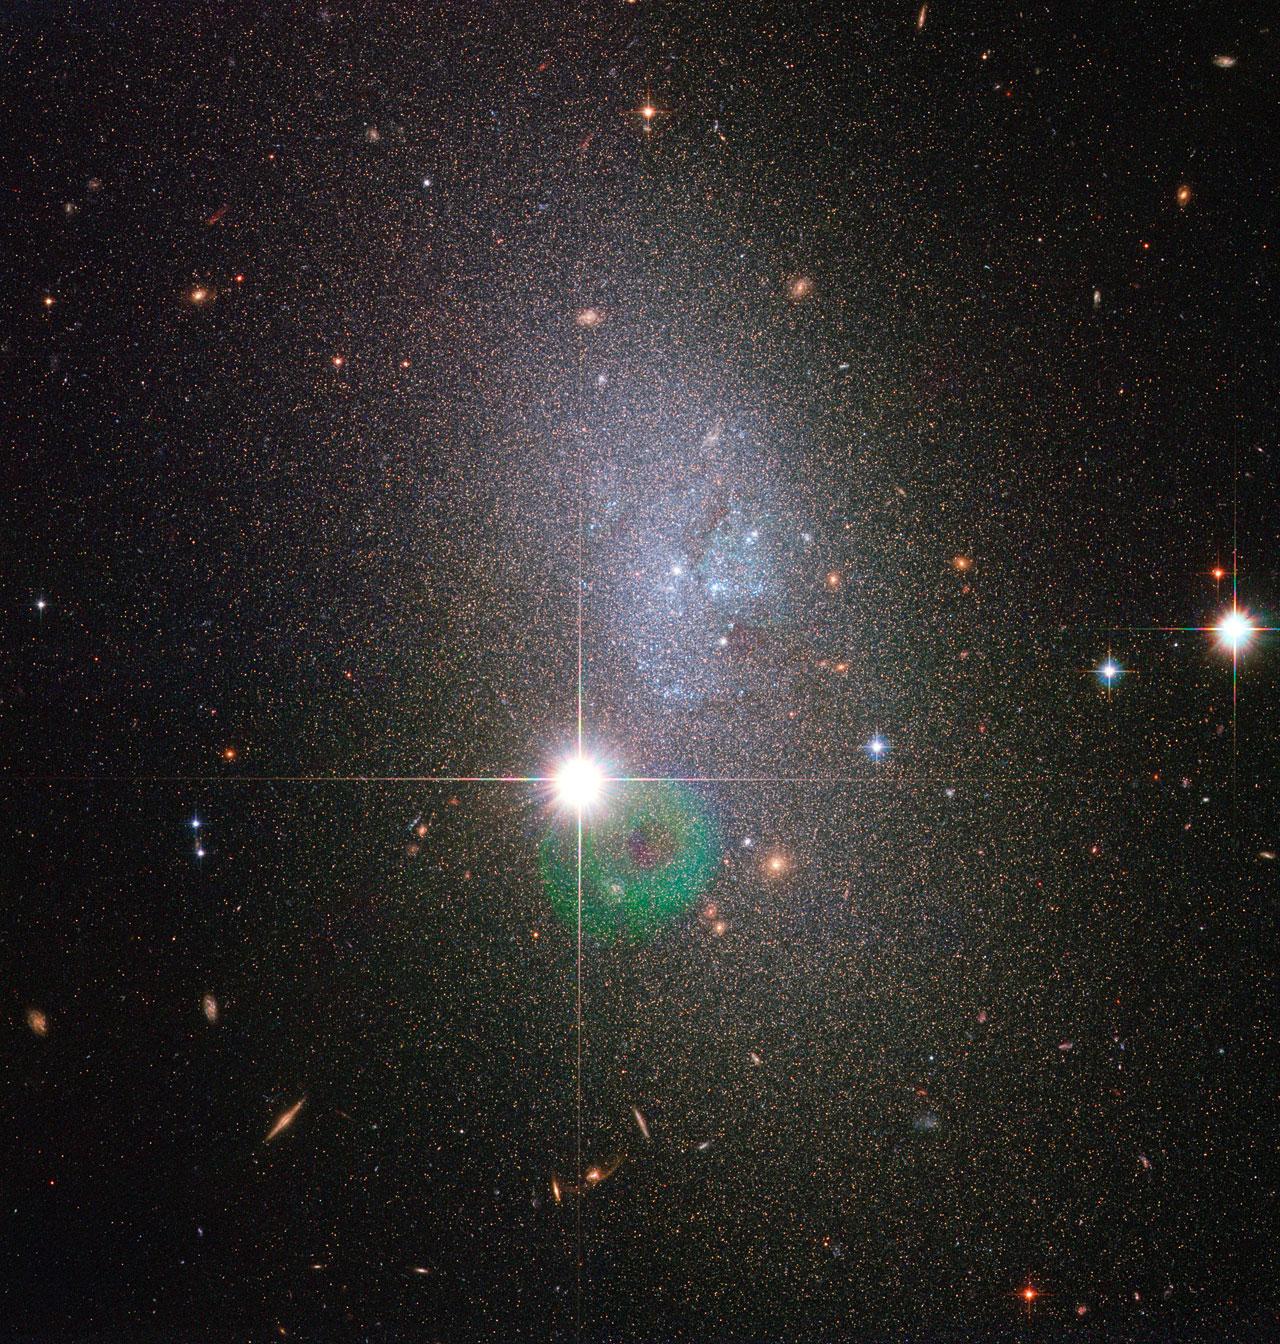 綺麗な銀河・星雲(893) - おおぐま座(Ursa Major)にあるマゼラン渦巻 ...